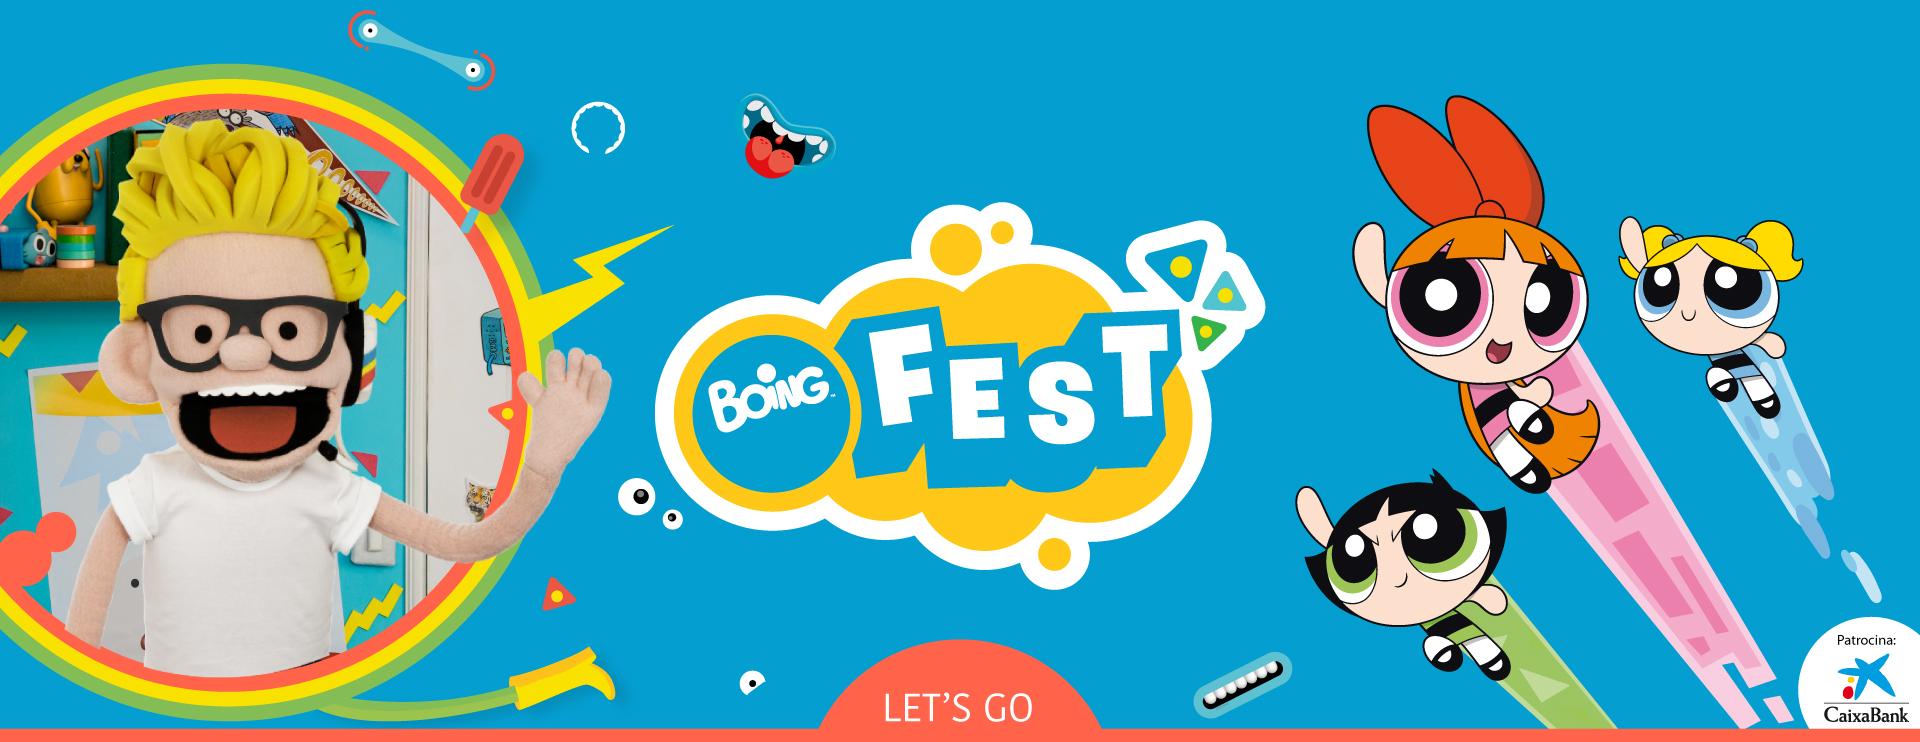 Boing Fest